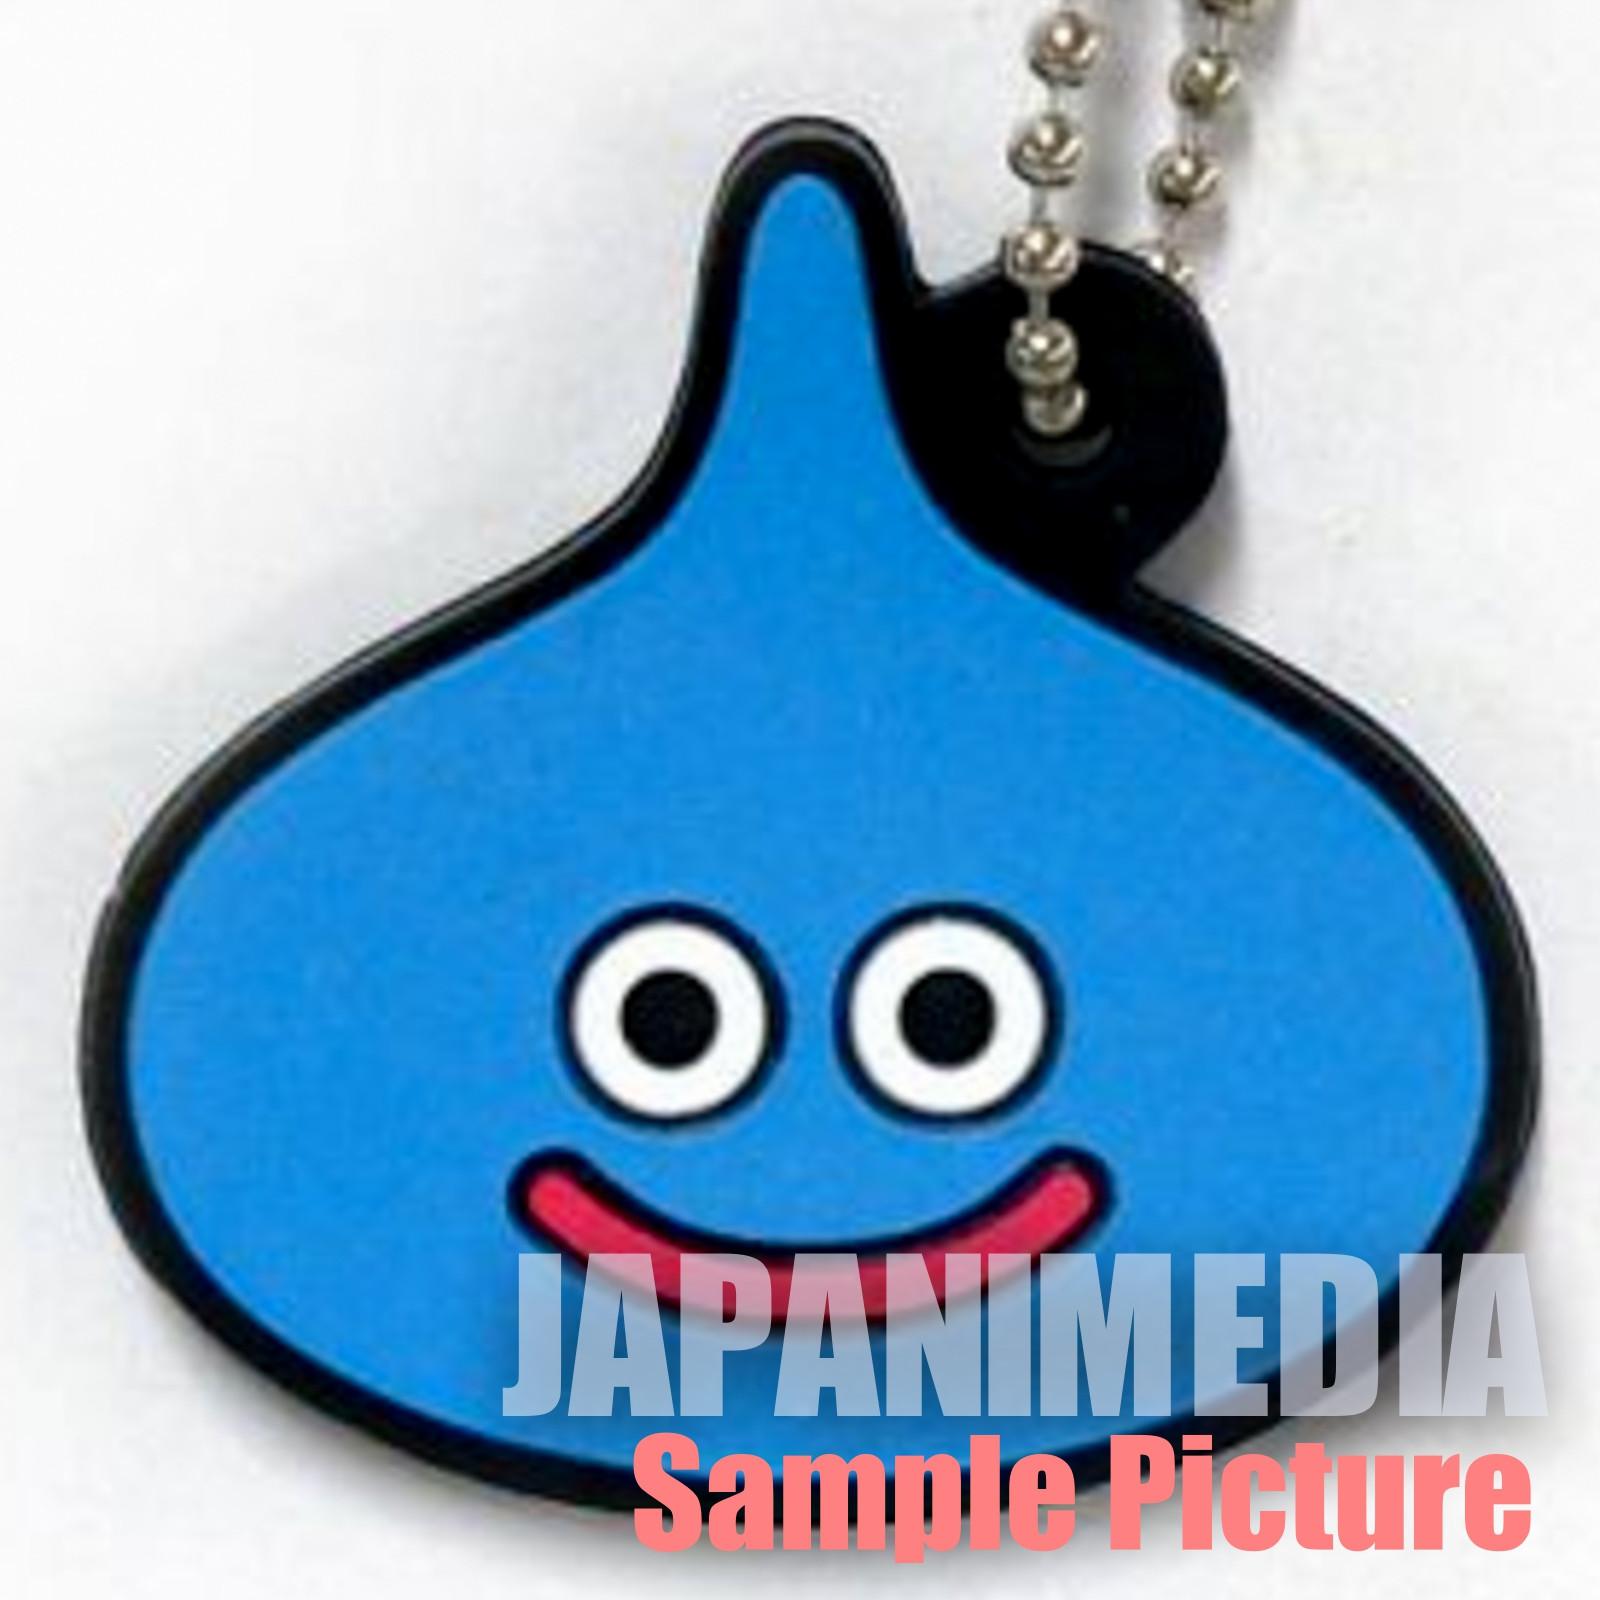 Dragon Quest Monster Rubber Mascot Ballchain Slime JAPAN GAME WARRIOR